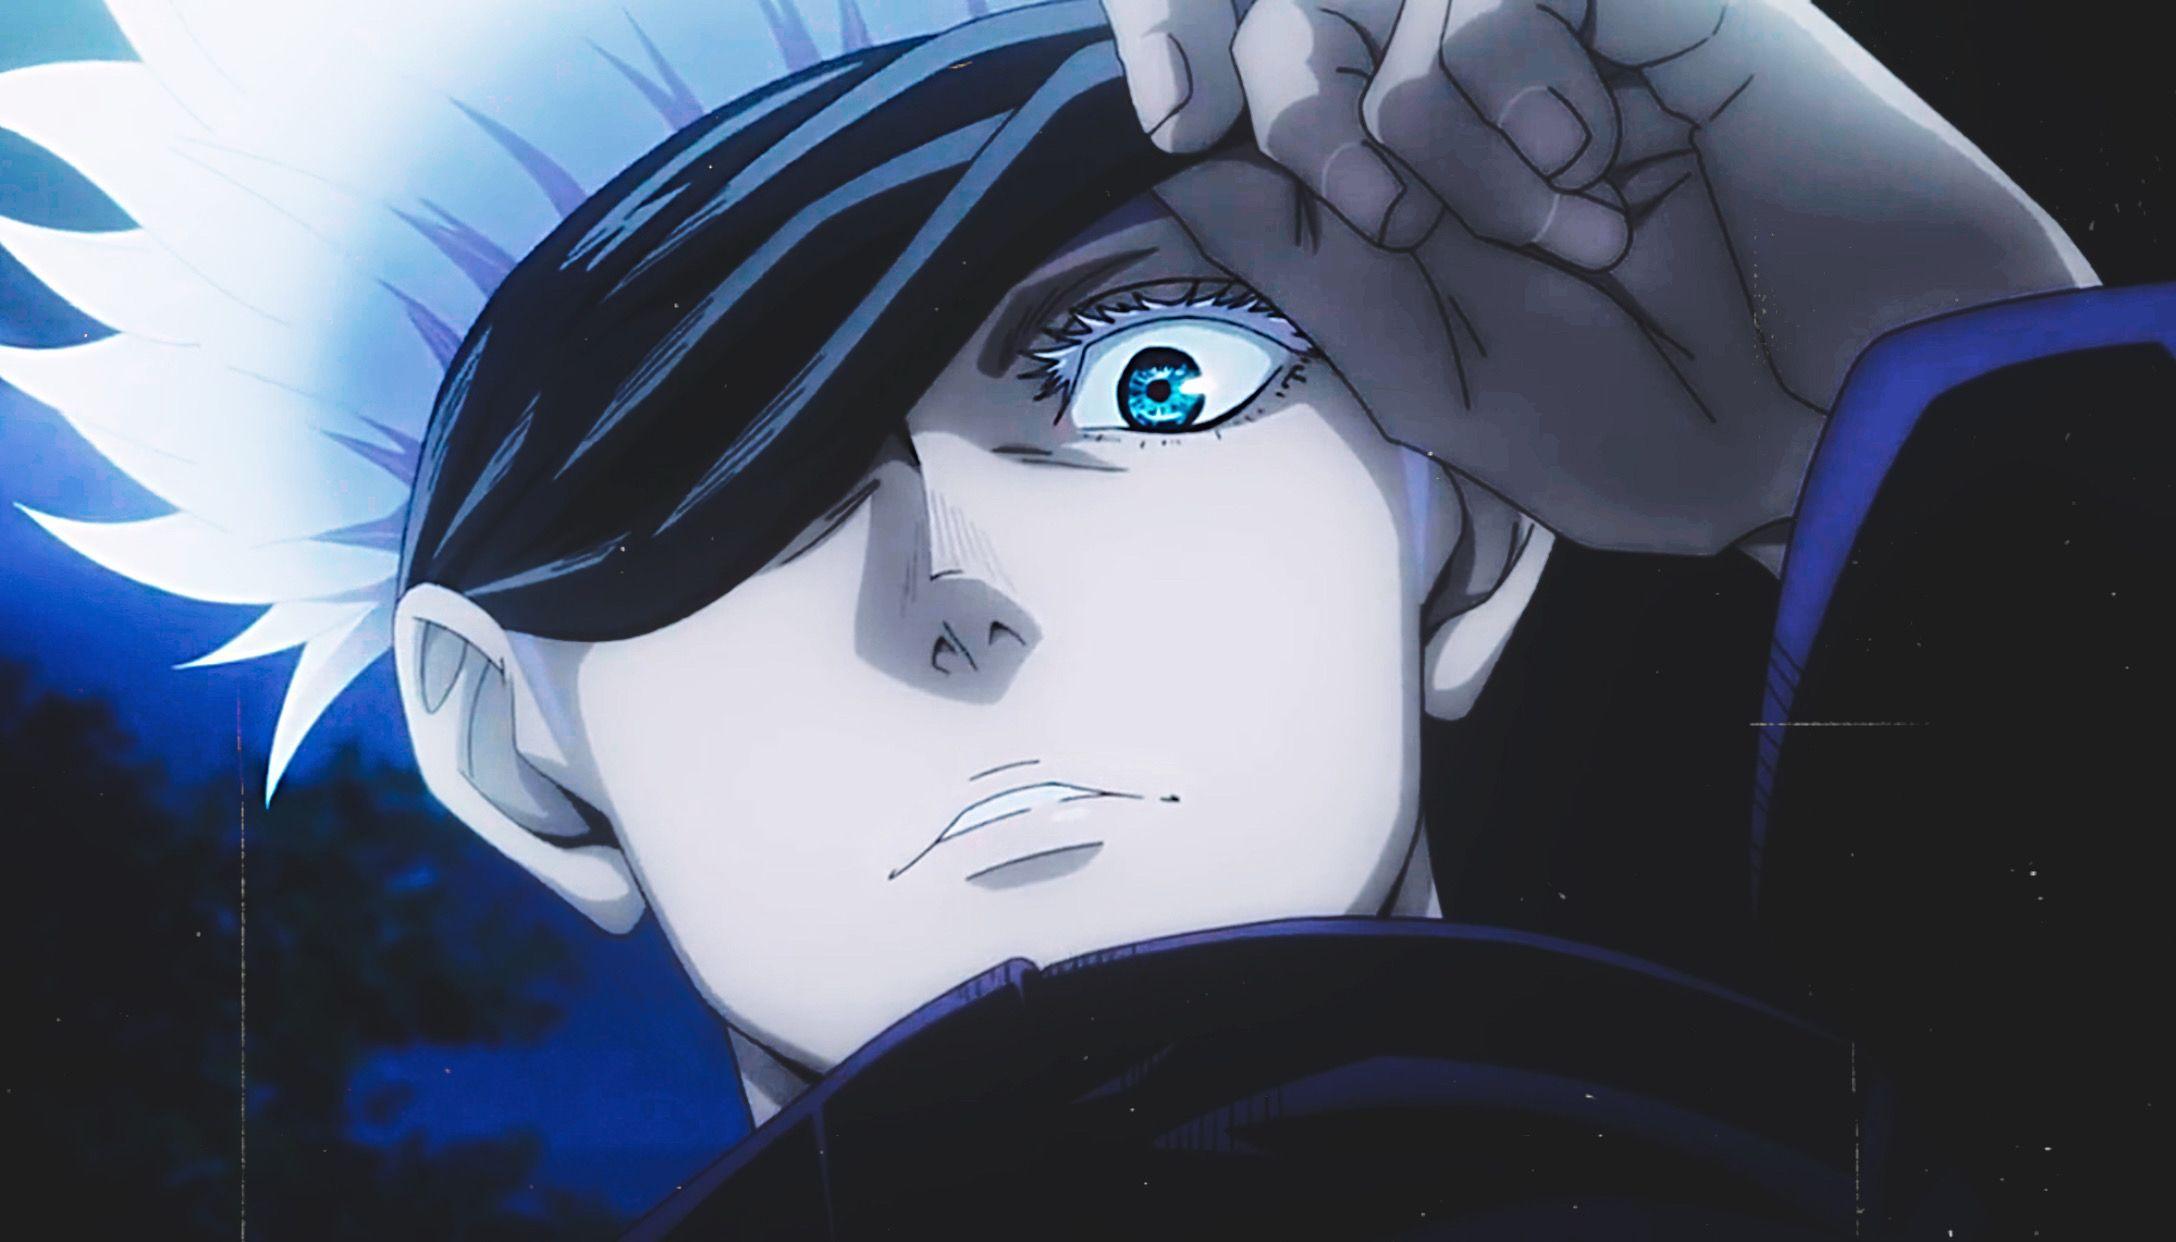 Jujutsukaisen Jujutsukaisenanime Anime Blueeyes Anime Park Jimin Jujutsu